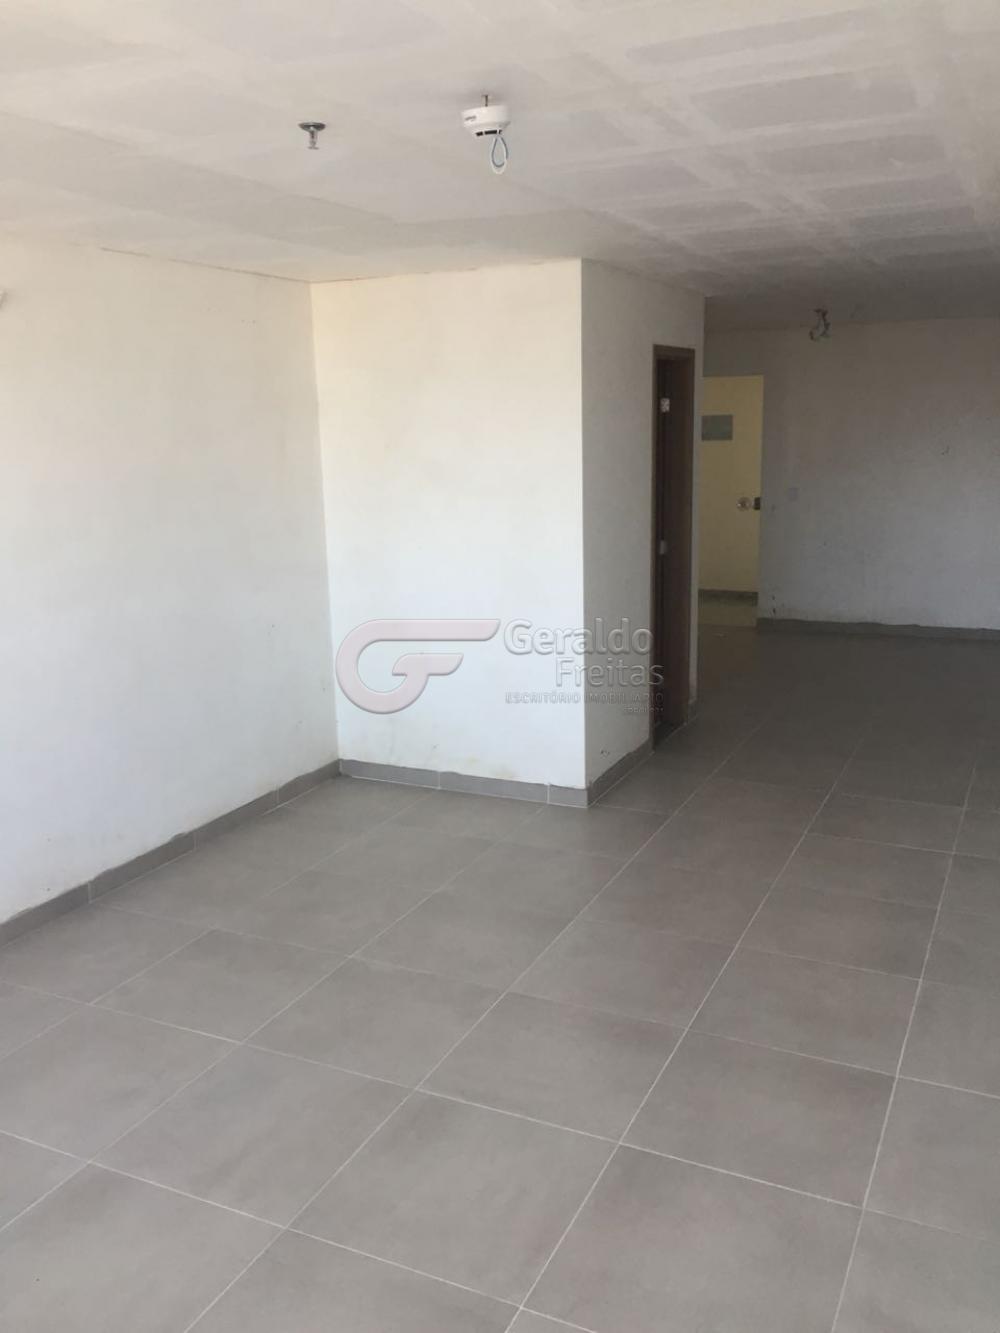 Alugar Comerciais / Salas em Maceió apenas R$ 1.444,28 - Foto 5